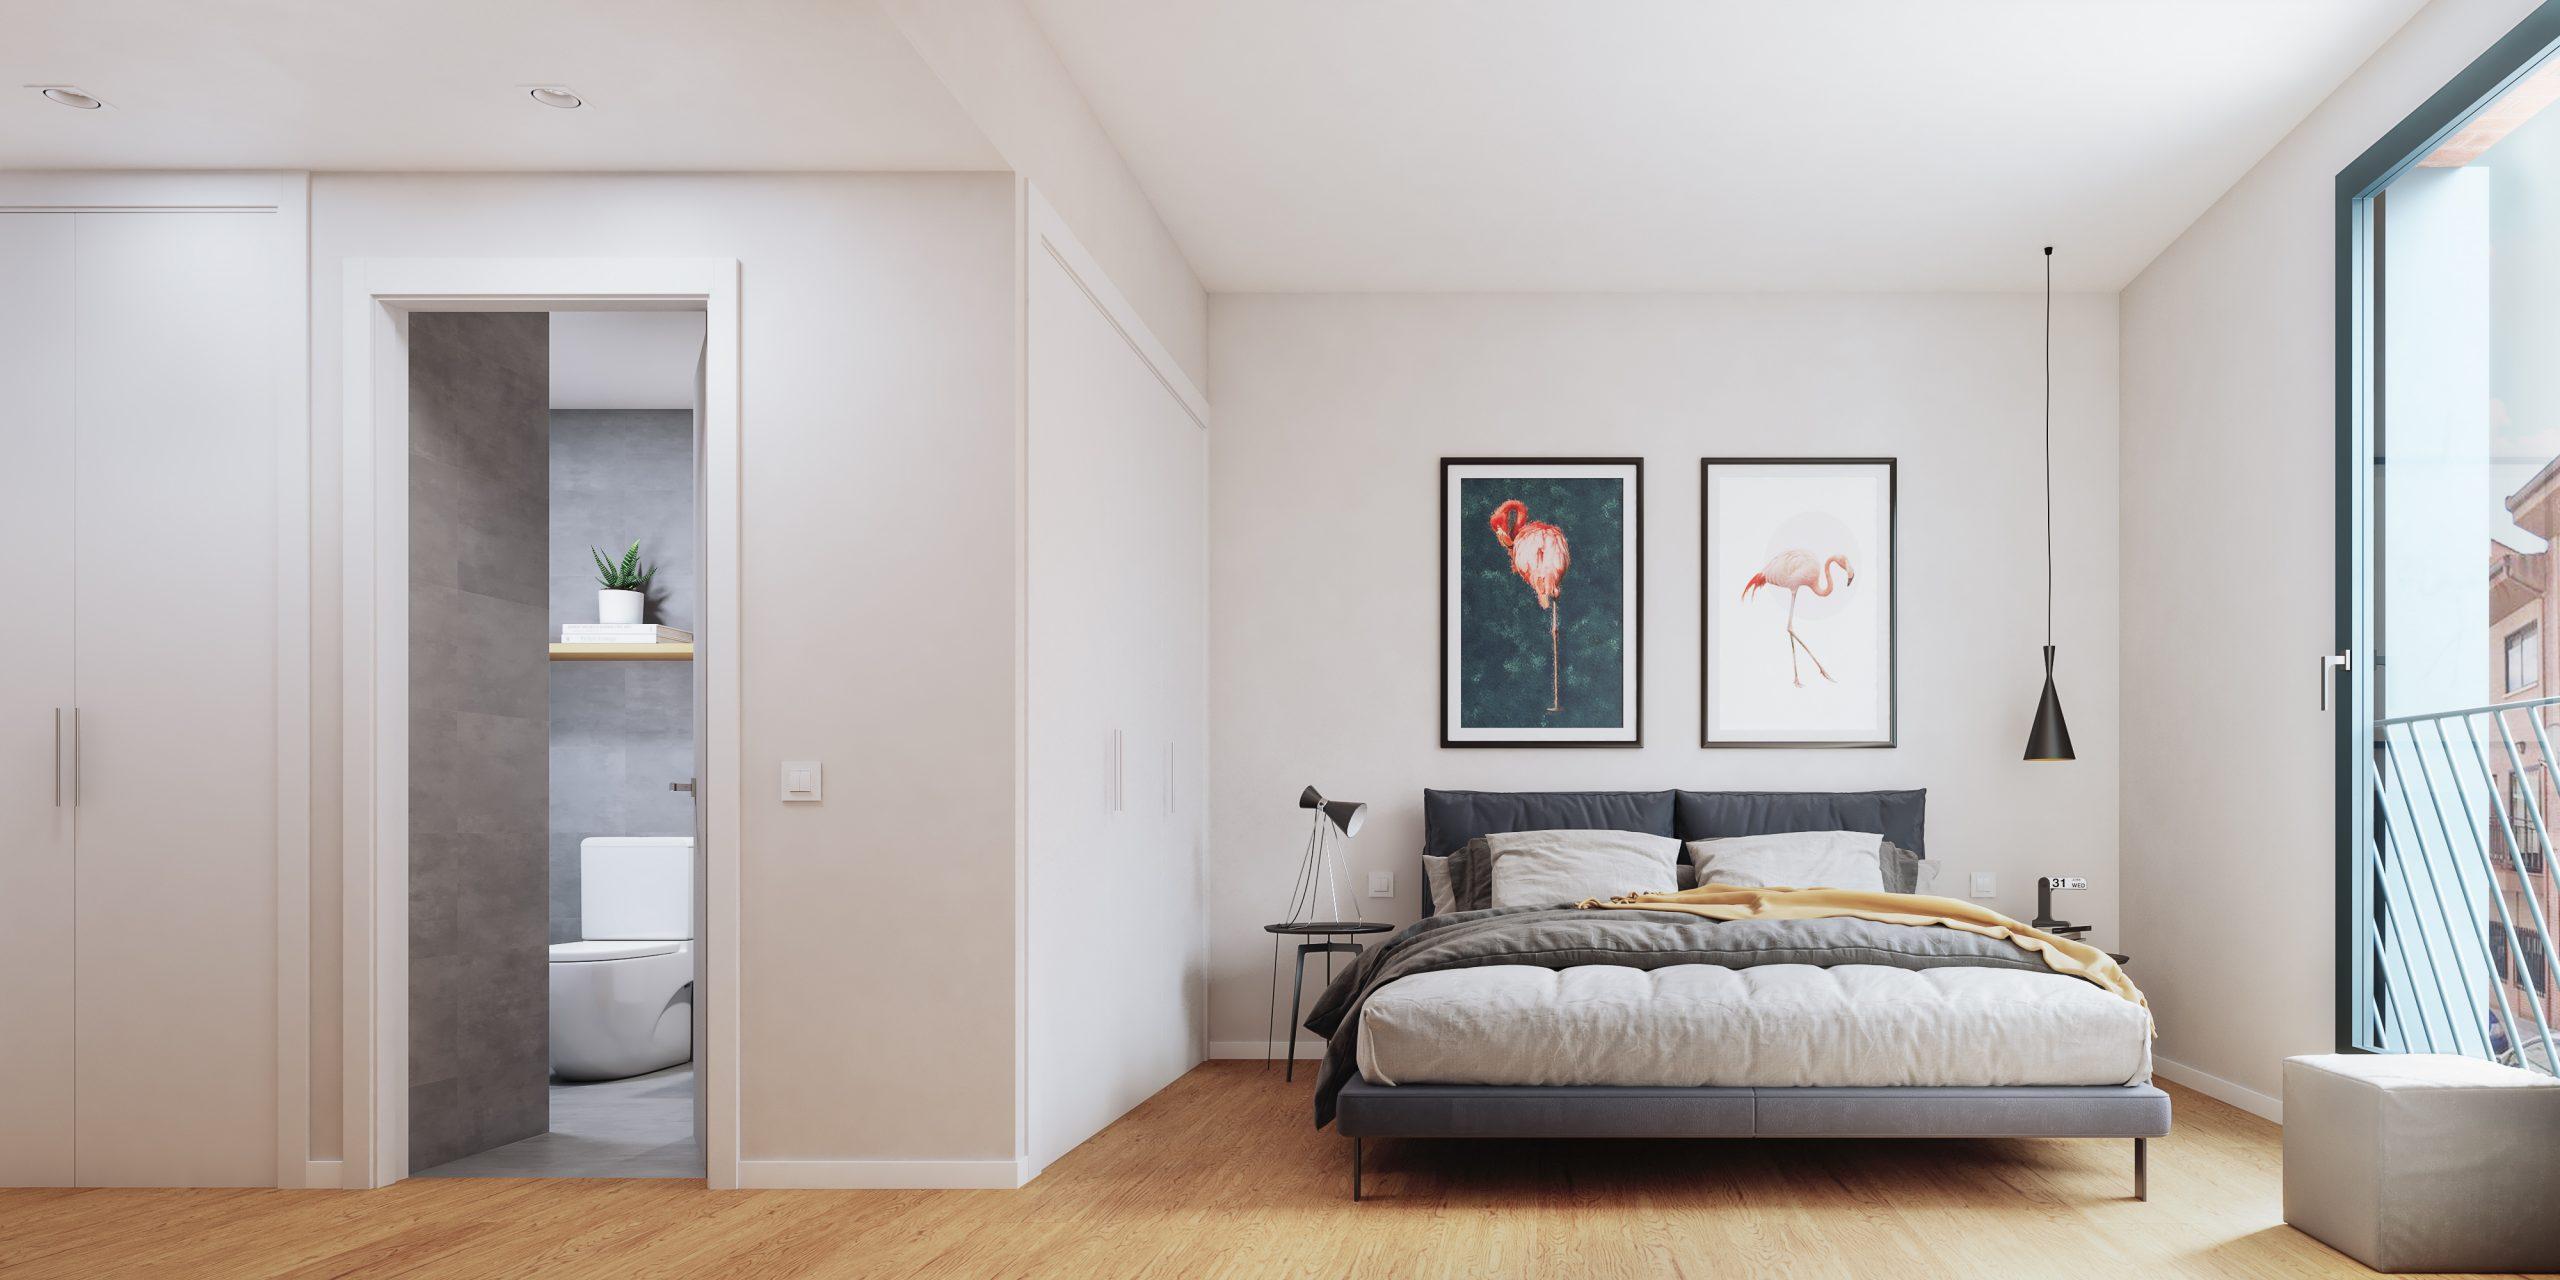 dormitorio-01-b